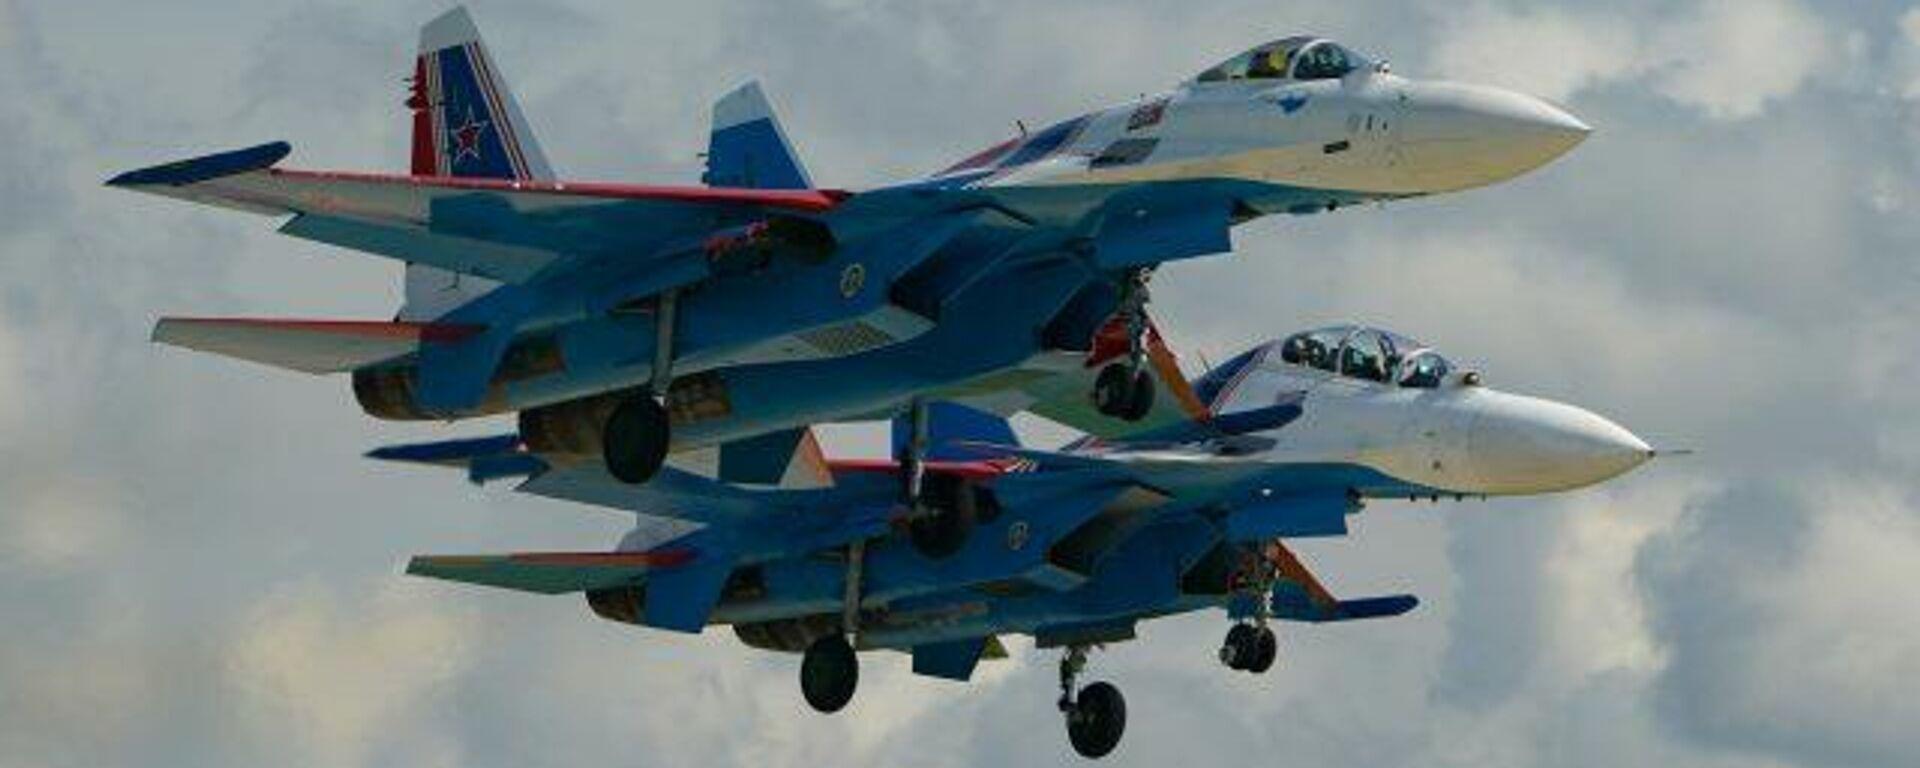 Treinta años de alto pilotaje: así son los Russkie Vitiazi, el único grupo aéreo de cazas pesados - Sputnik Mundo, 1920, 05.04.2021